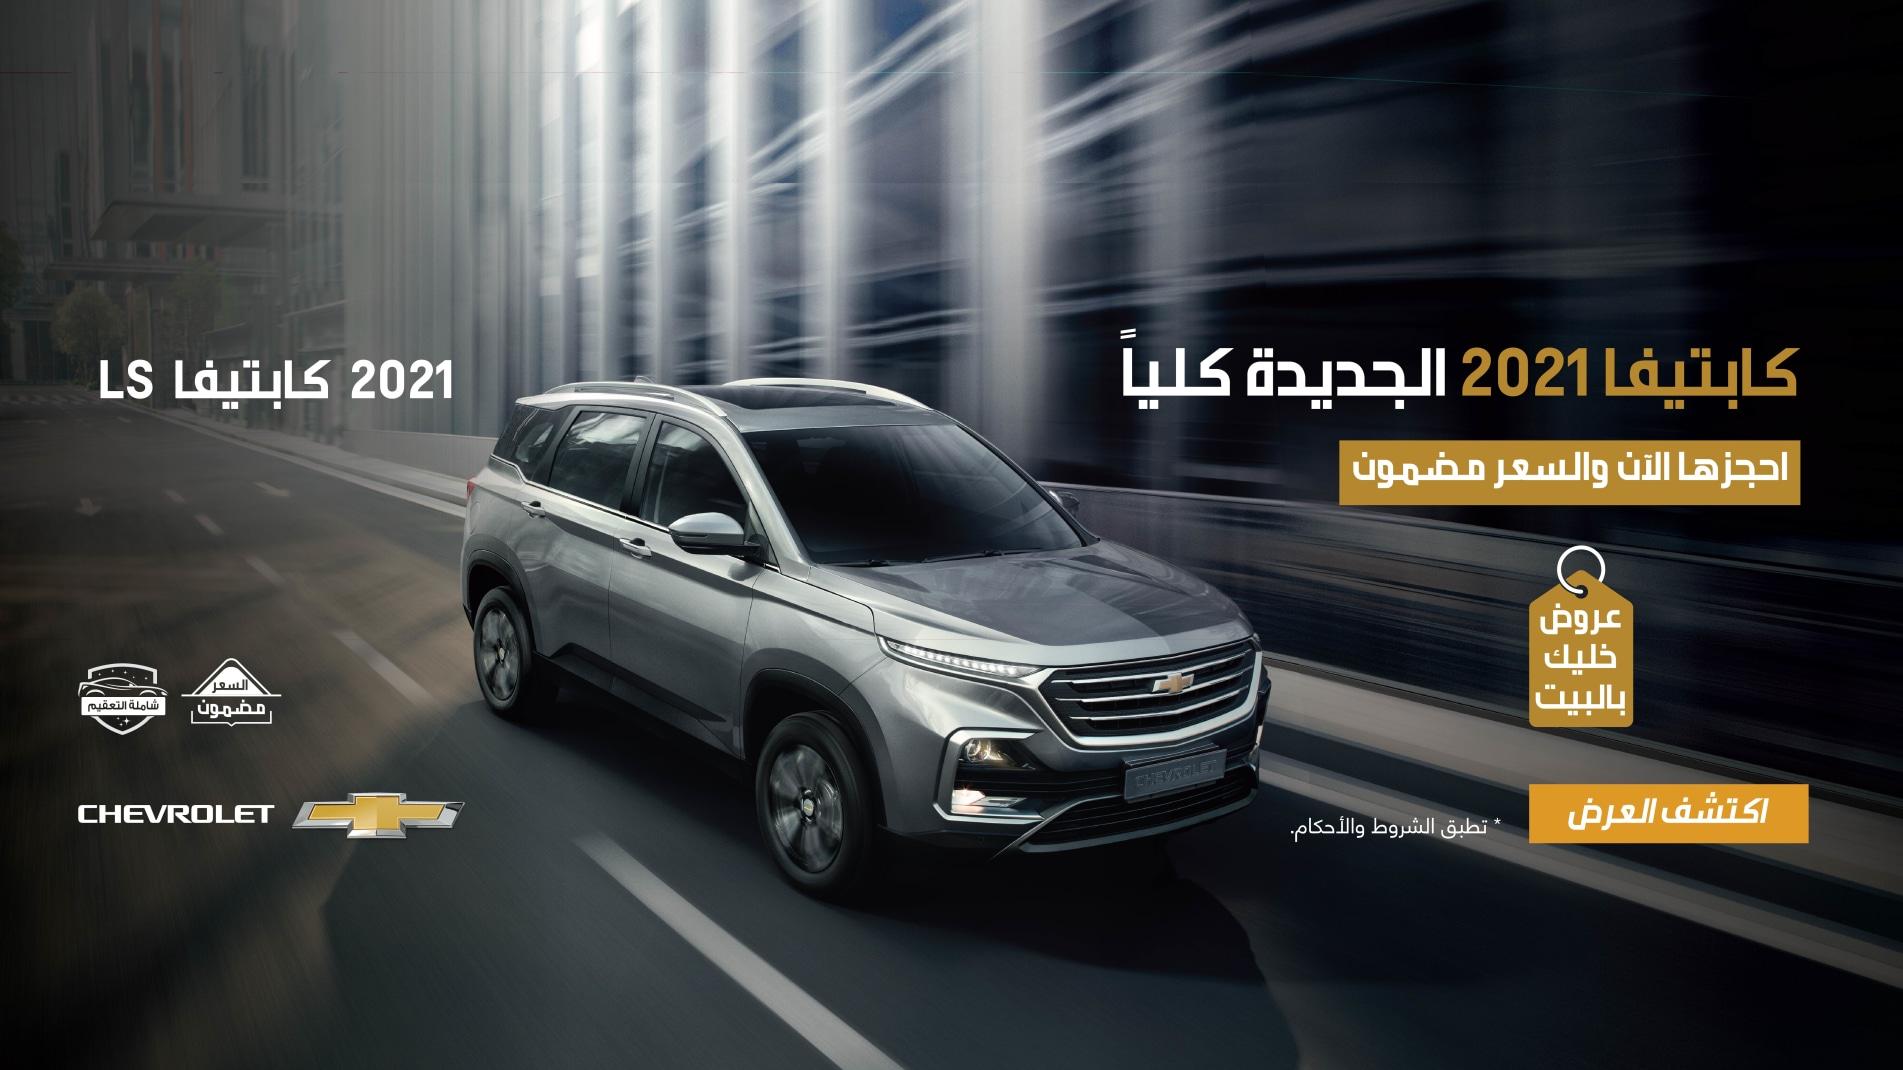 عروض على شيفروليه كابتيفا Ls 2021 الجديدة كليا في السعودية السيارات الموقع العربي الأول للسيارات